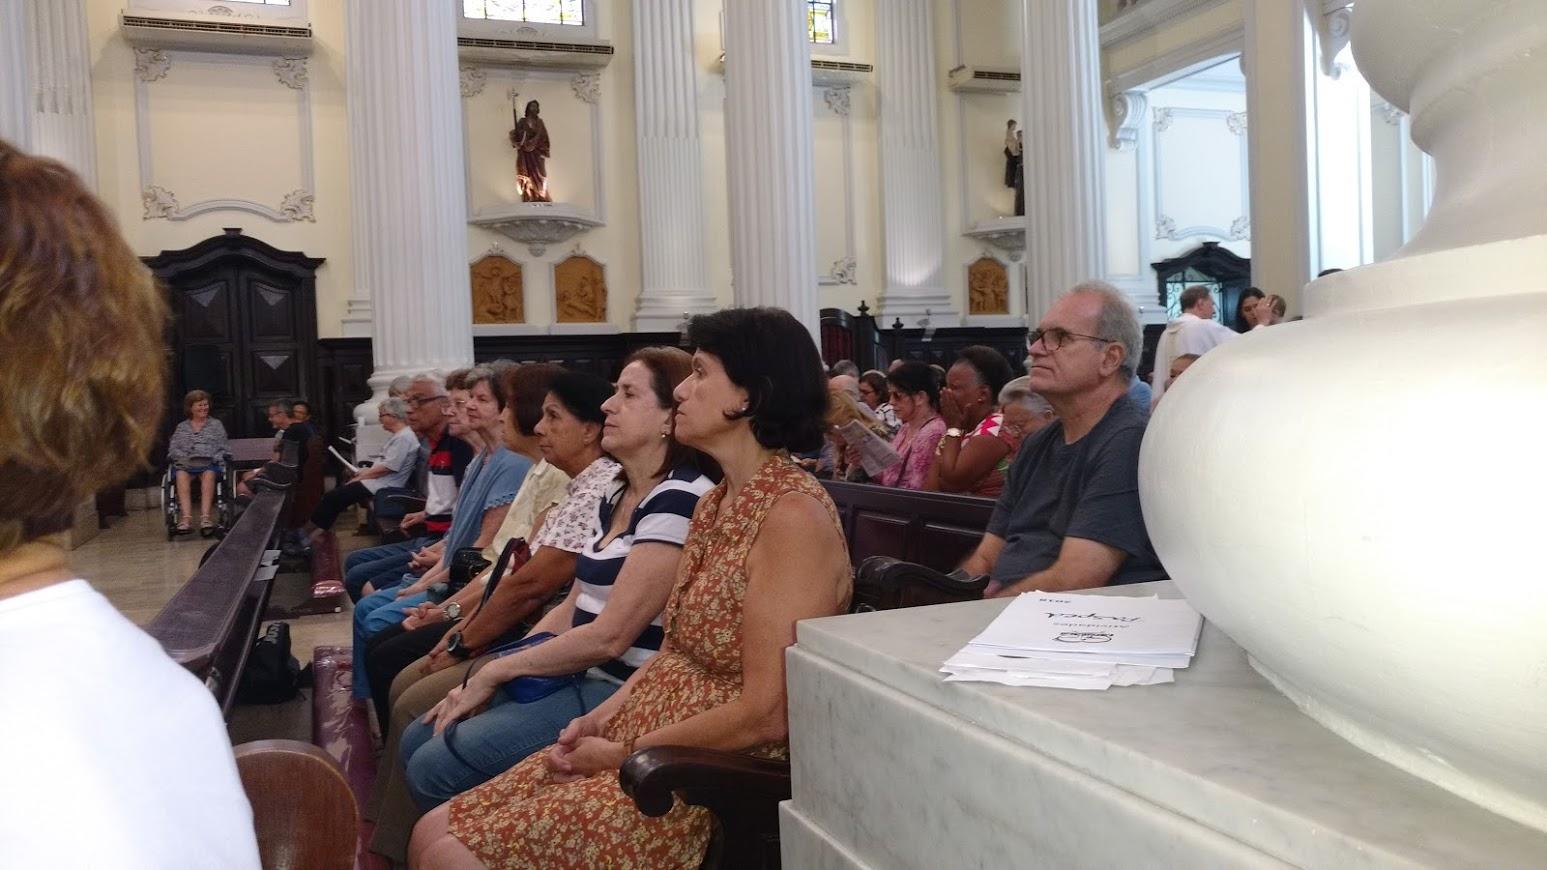 Outro momento da Missa na Igreja da Lagoa, 06 de maio às 11h30min.